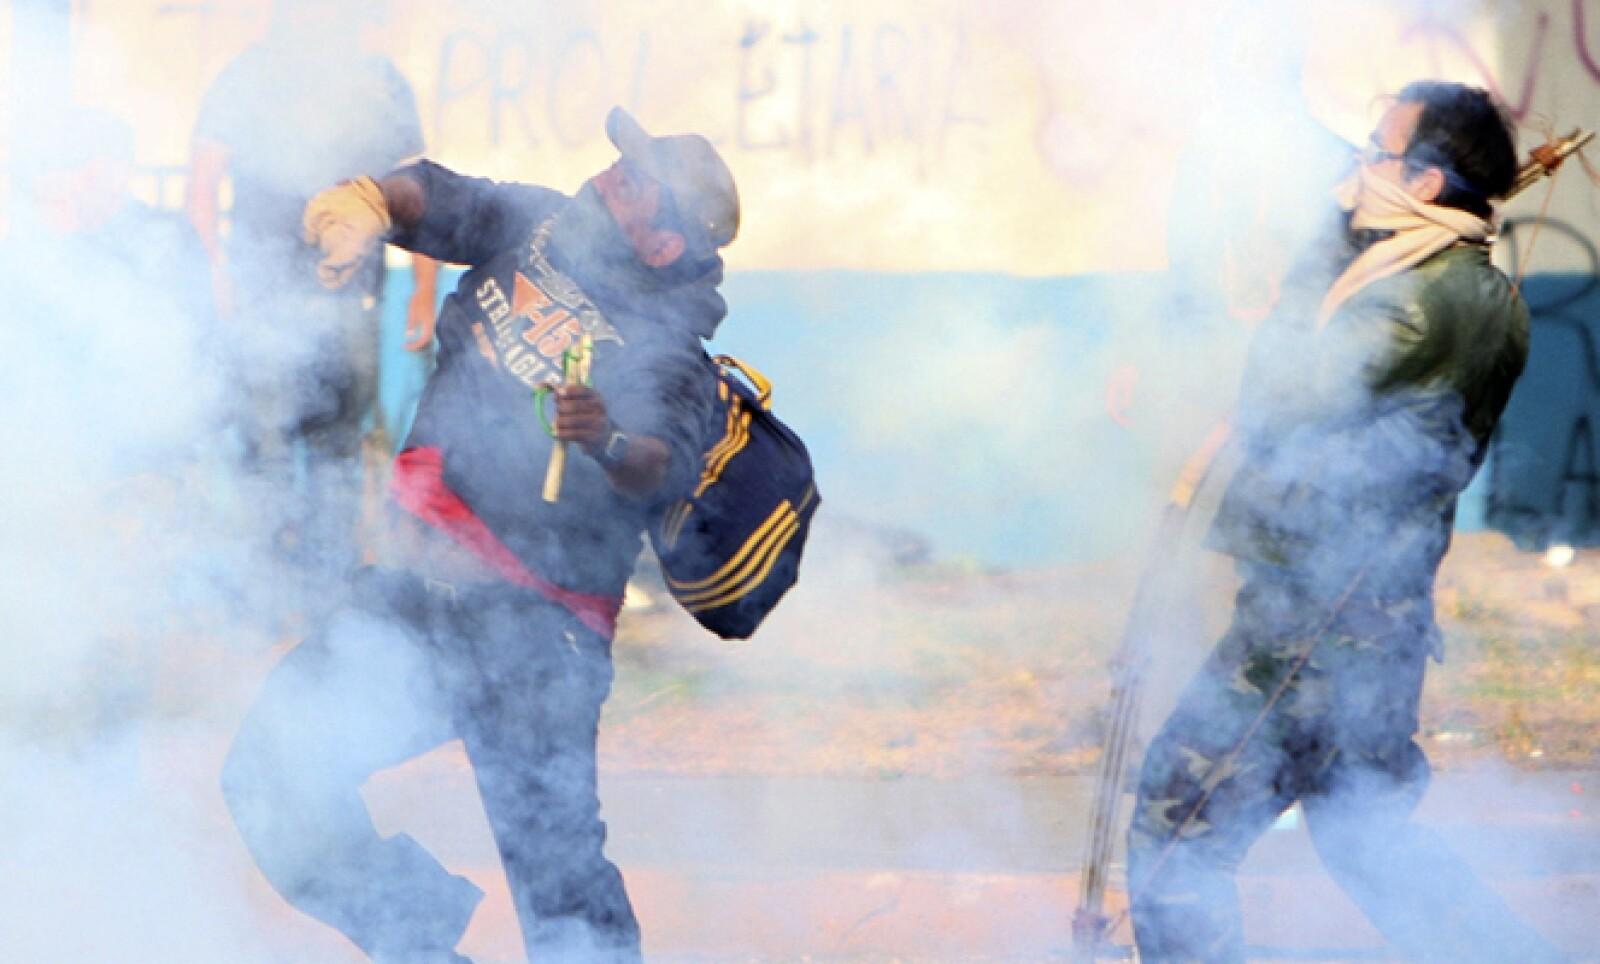 Con agua y extintores fue controlado el fuego momentáneo que generaron los activistas, y al parecer agentes de seguridad contestaron con gases lacrimógenos.